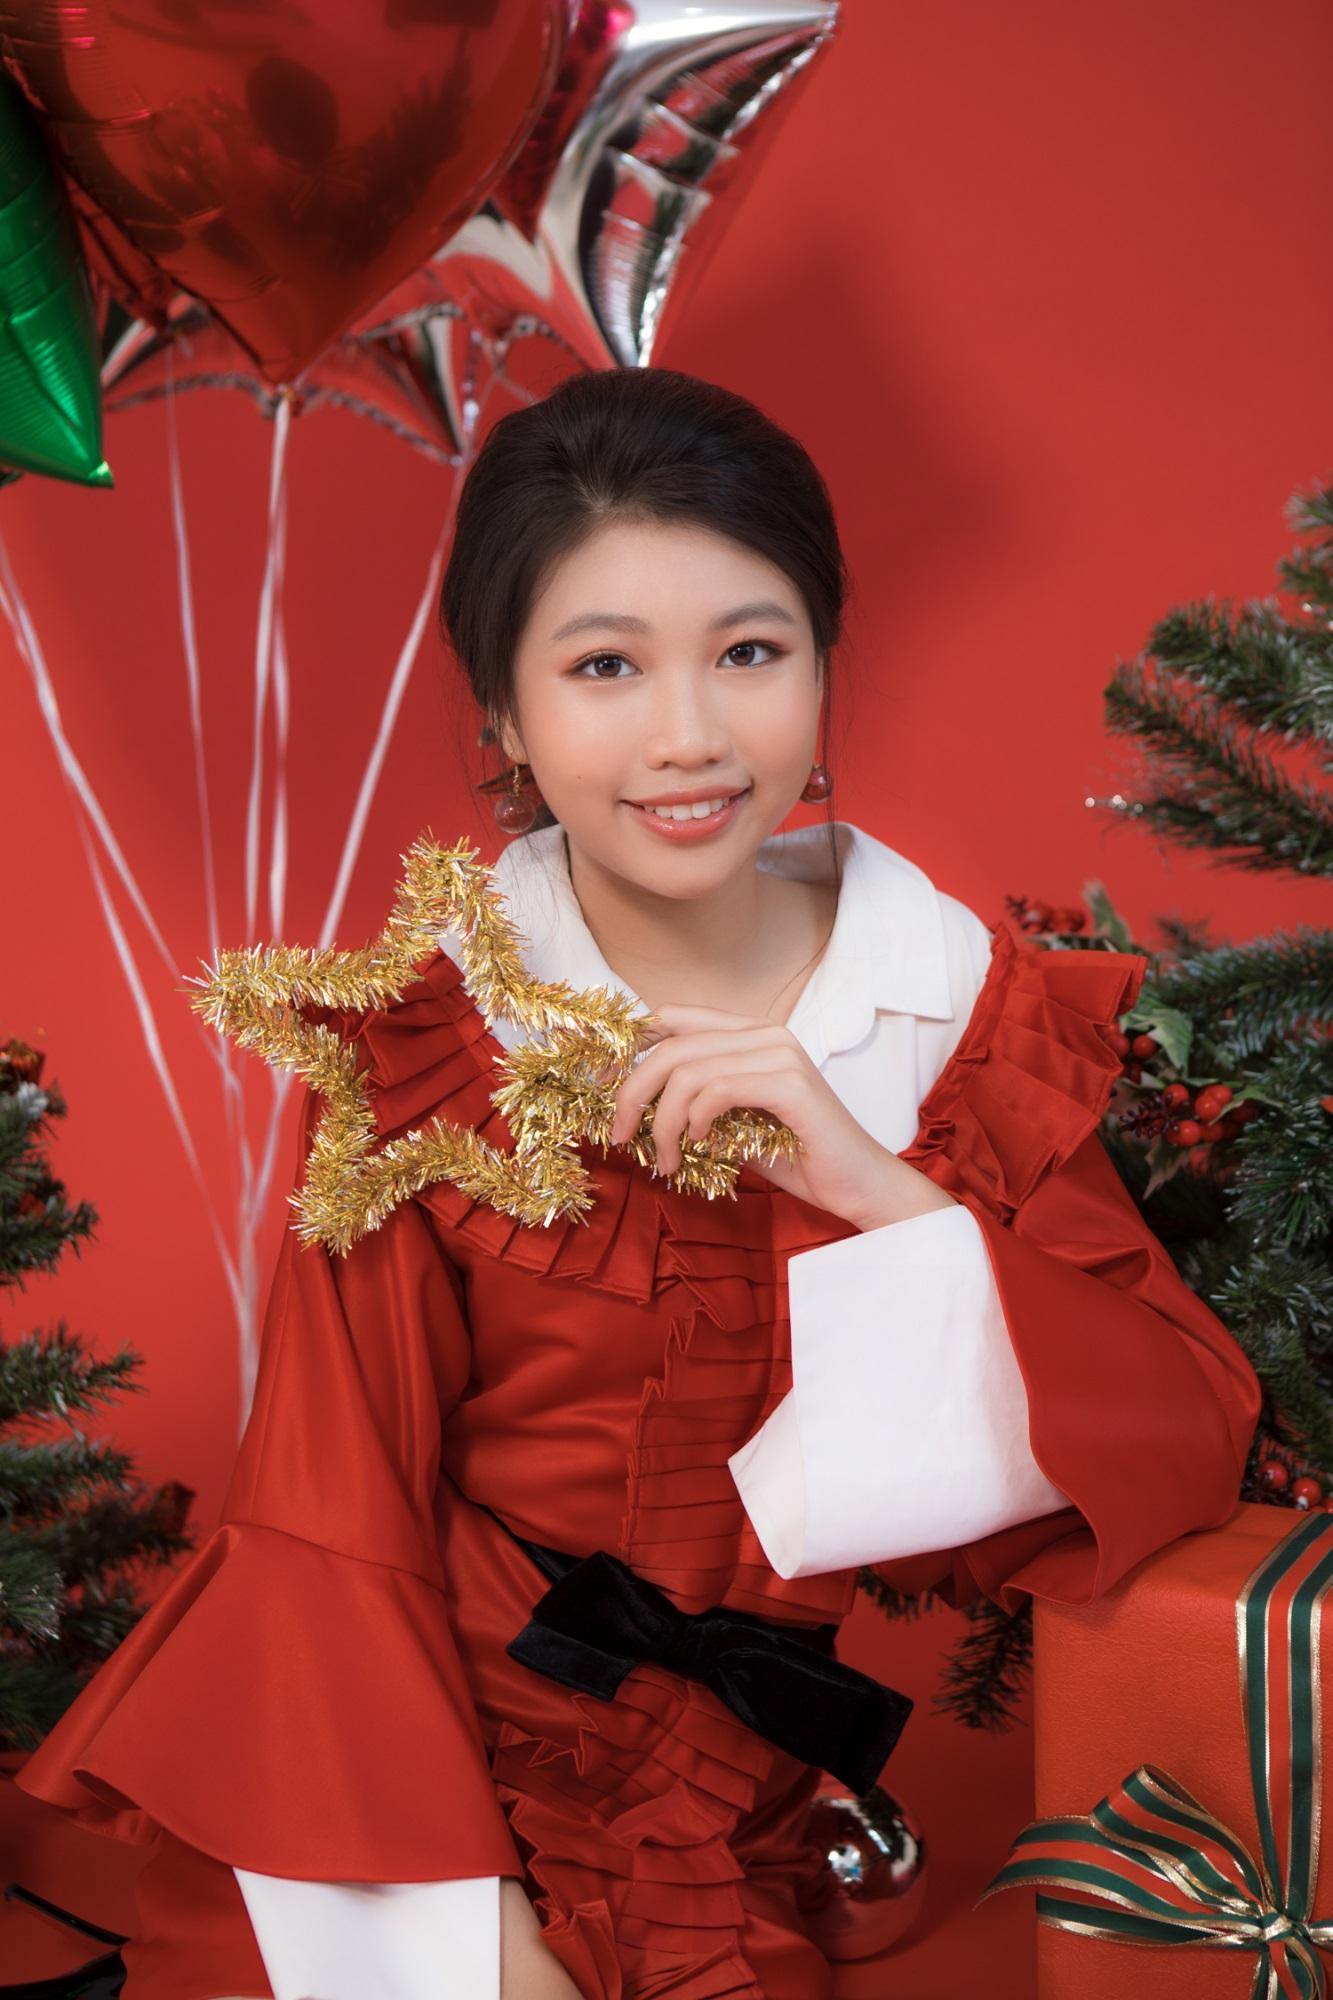 Hoa hậu Hoàn vũ nhí Ngọc Lan Vy 'lột xác' thành 'thiếu nữ' xinh đẹp trong bộ ảnh mừng Giáng sinh - Ảnh 8